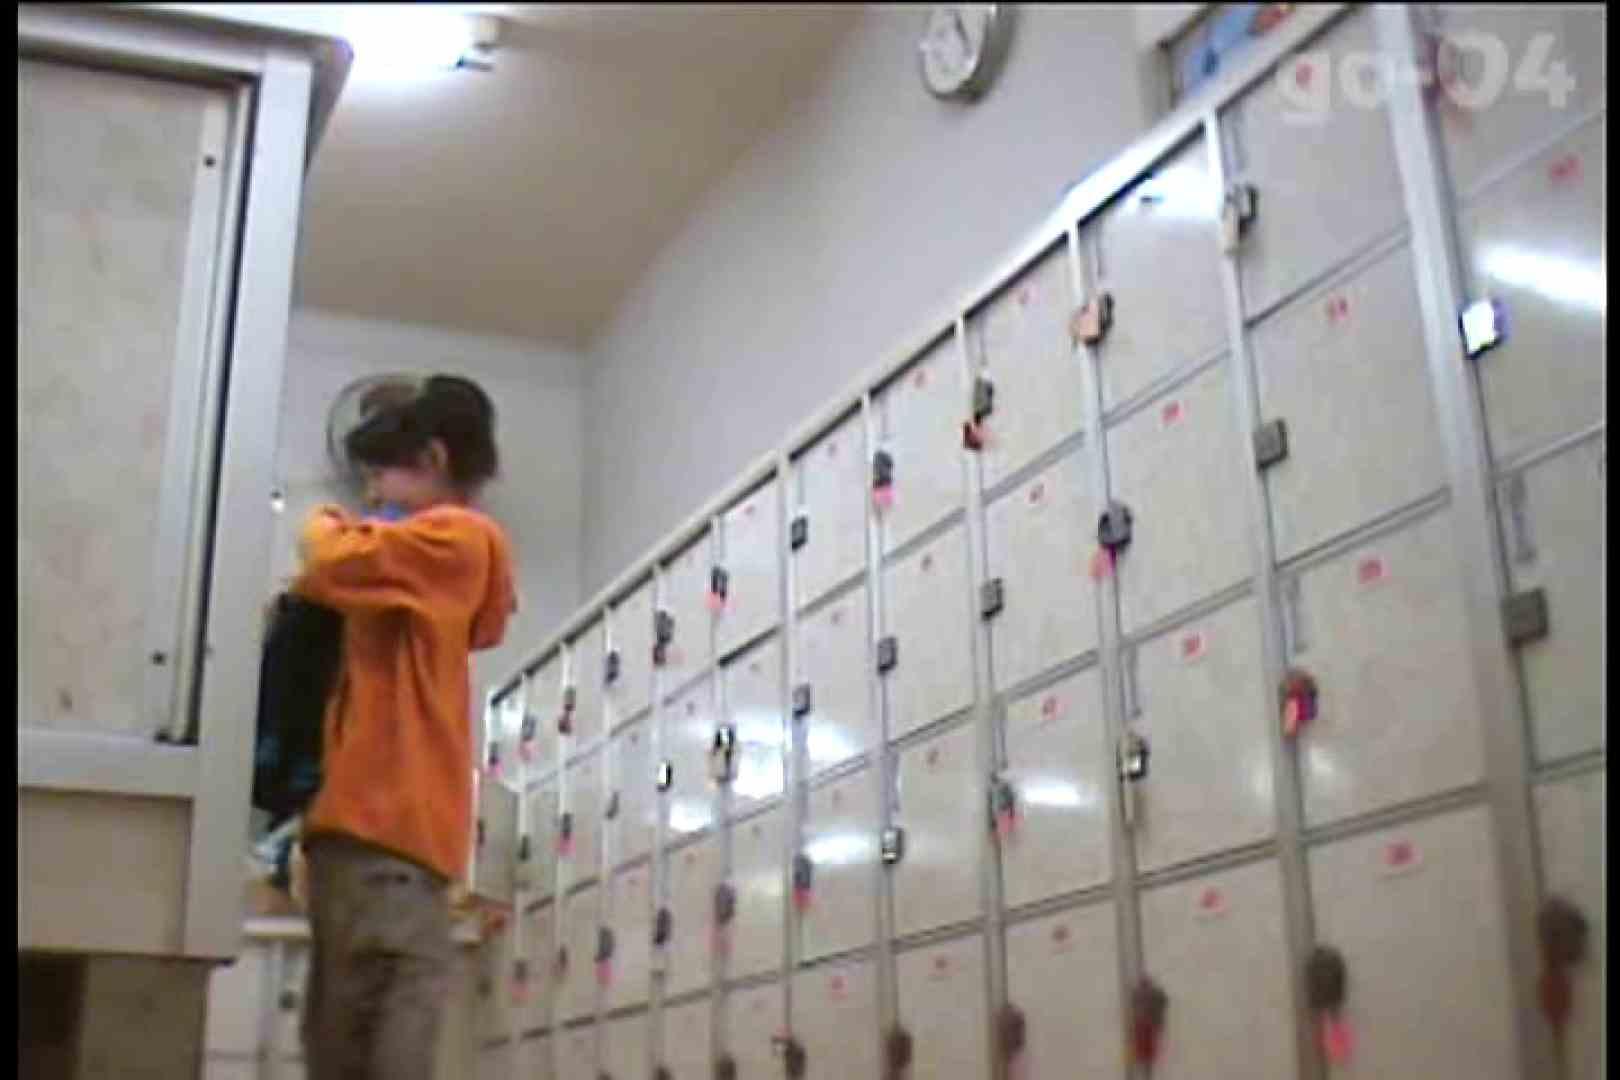 電波カメラ設置浴場からの防HAN映像 Vol.04 盗撮 盗撮動画紹介 102PIX 38